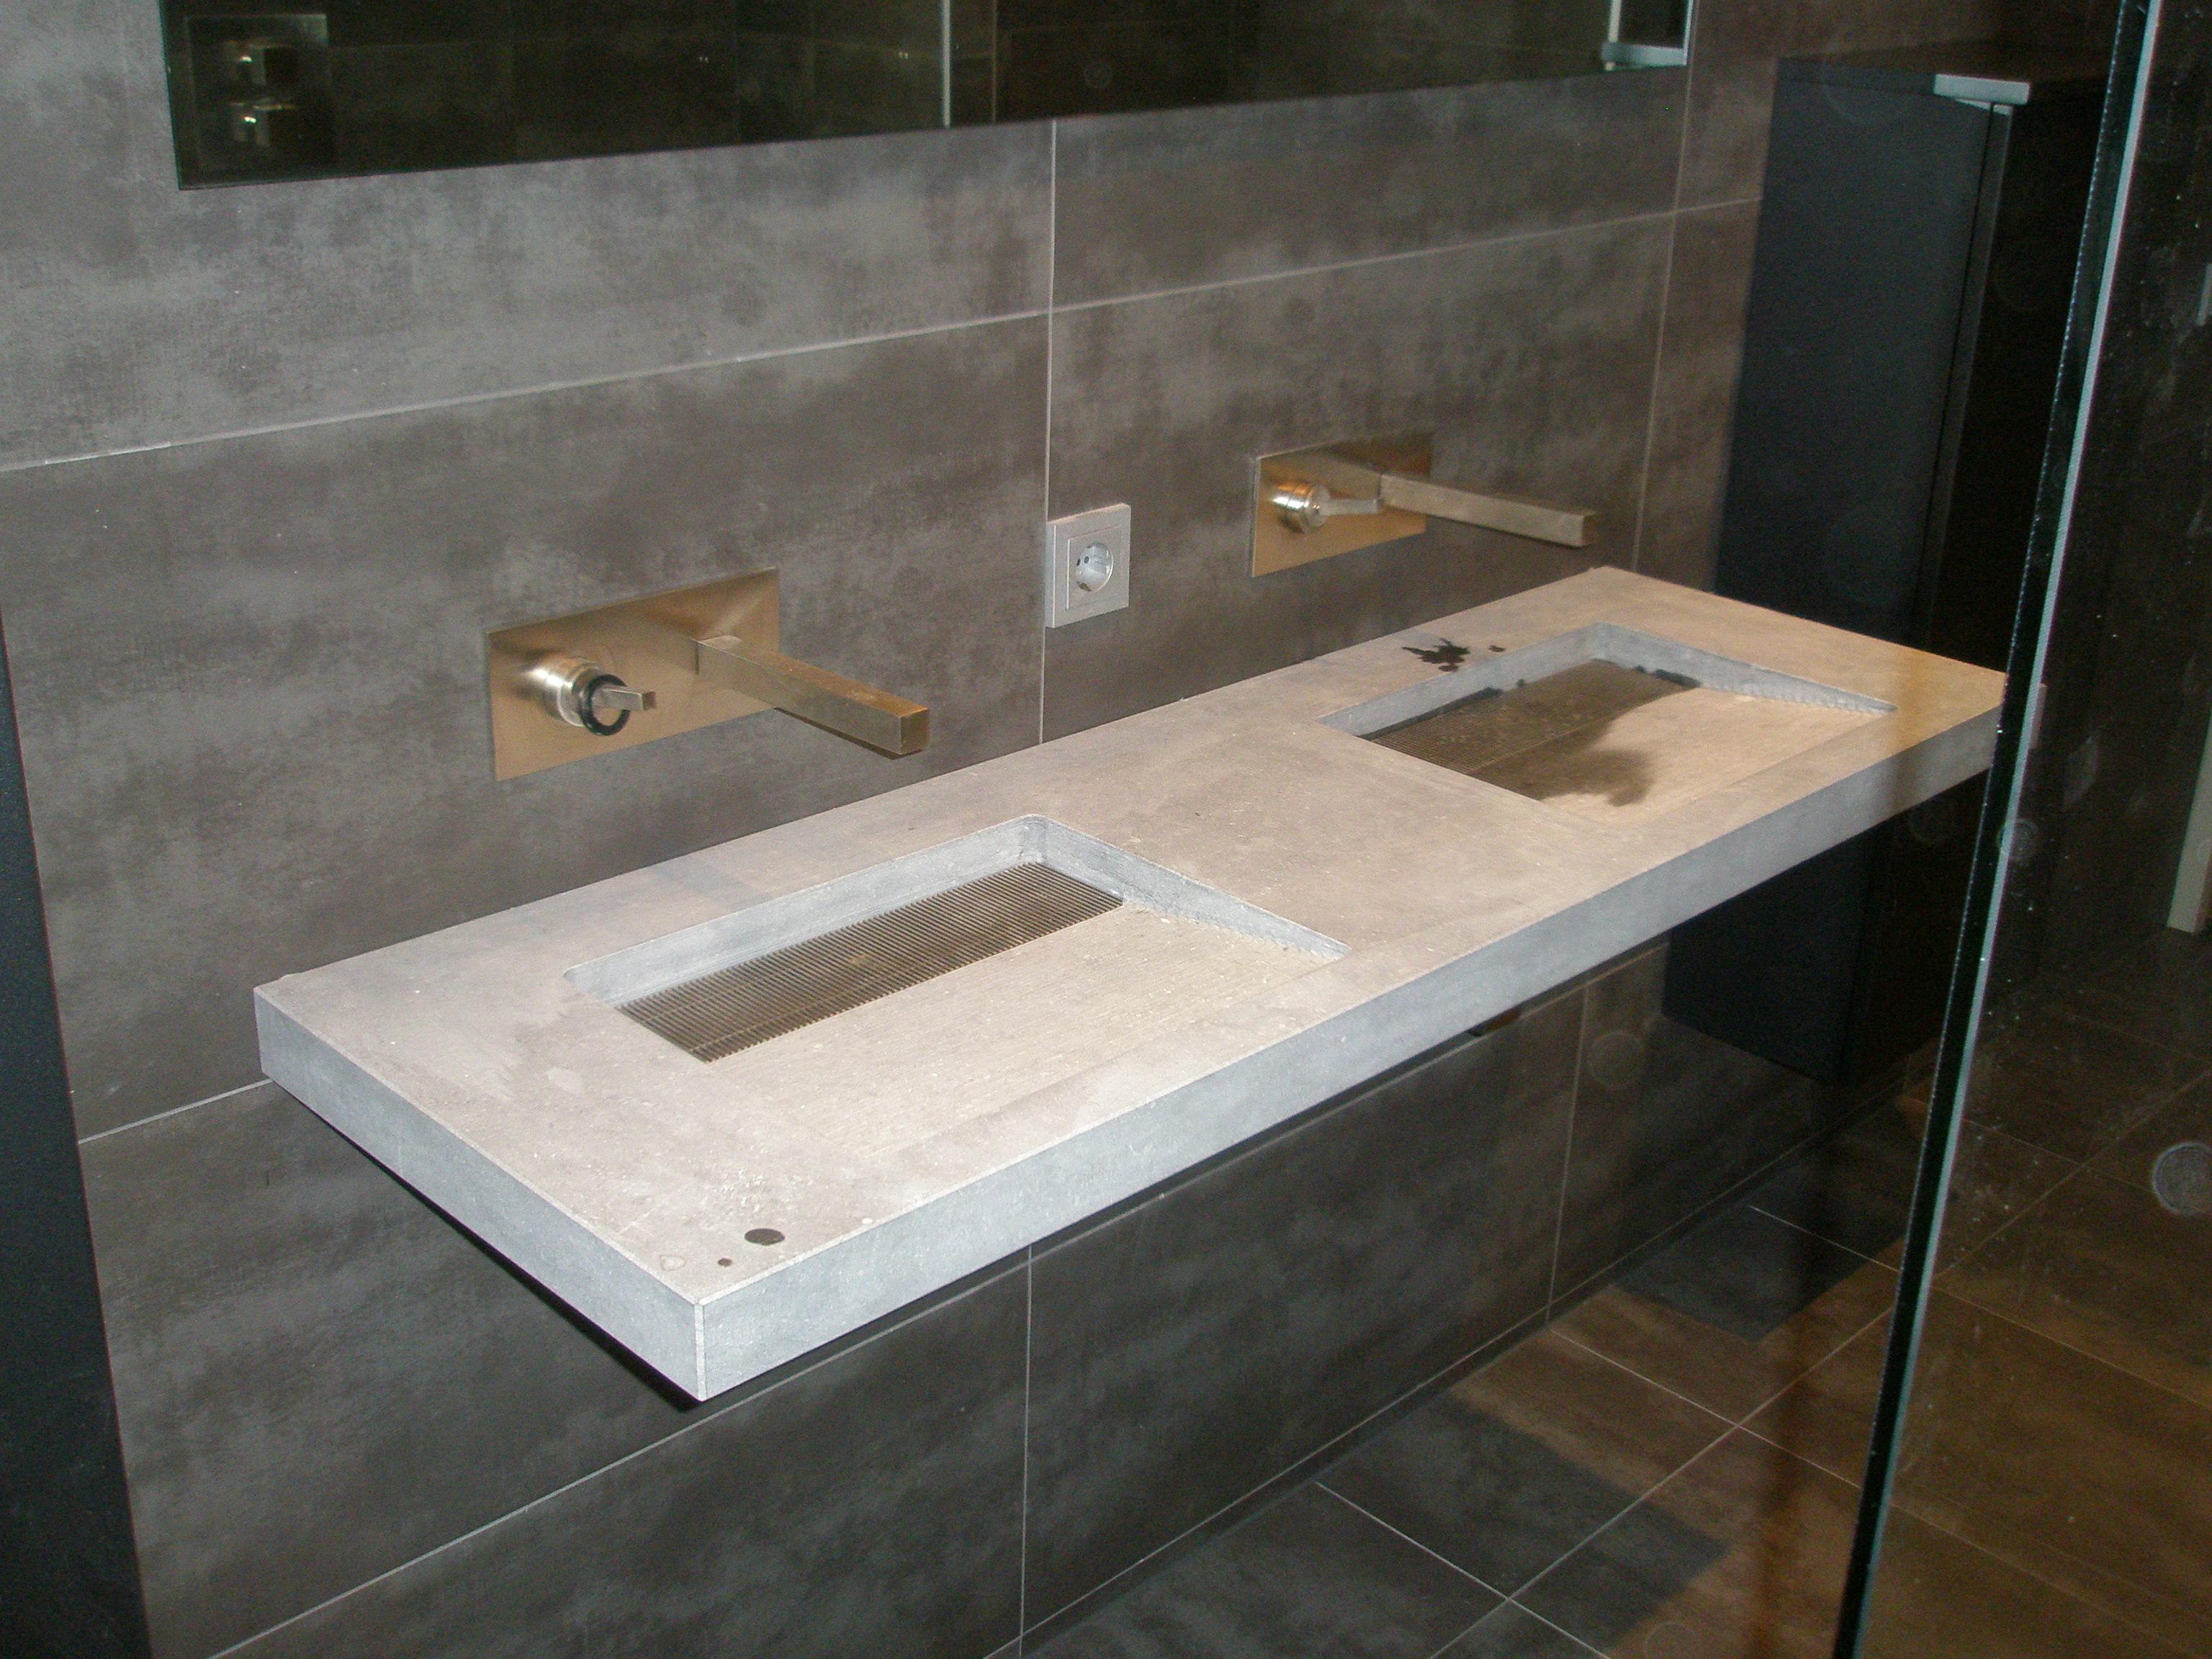 Badkamer toilet mijn website - Huidige badkamer ...